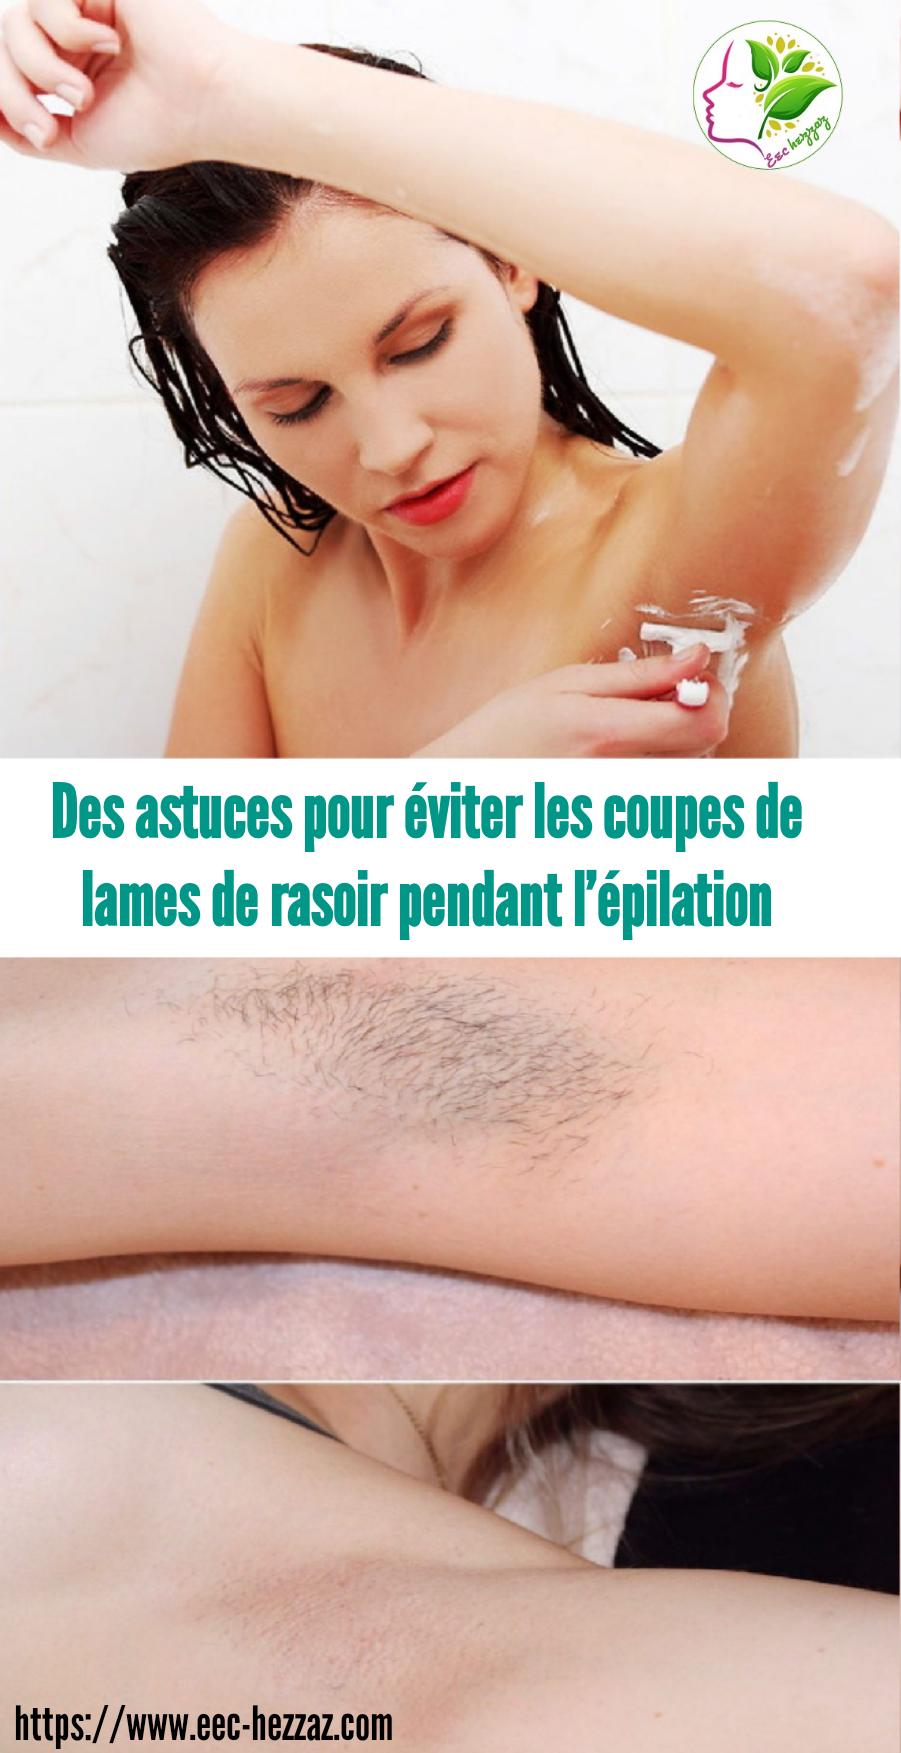 Des astuces pour éviter les coupes de lames de rasoir pendant l'épilation